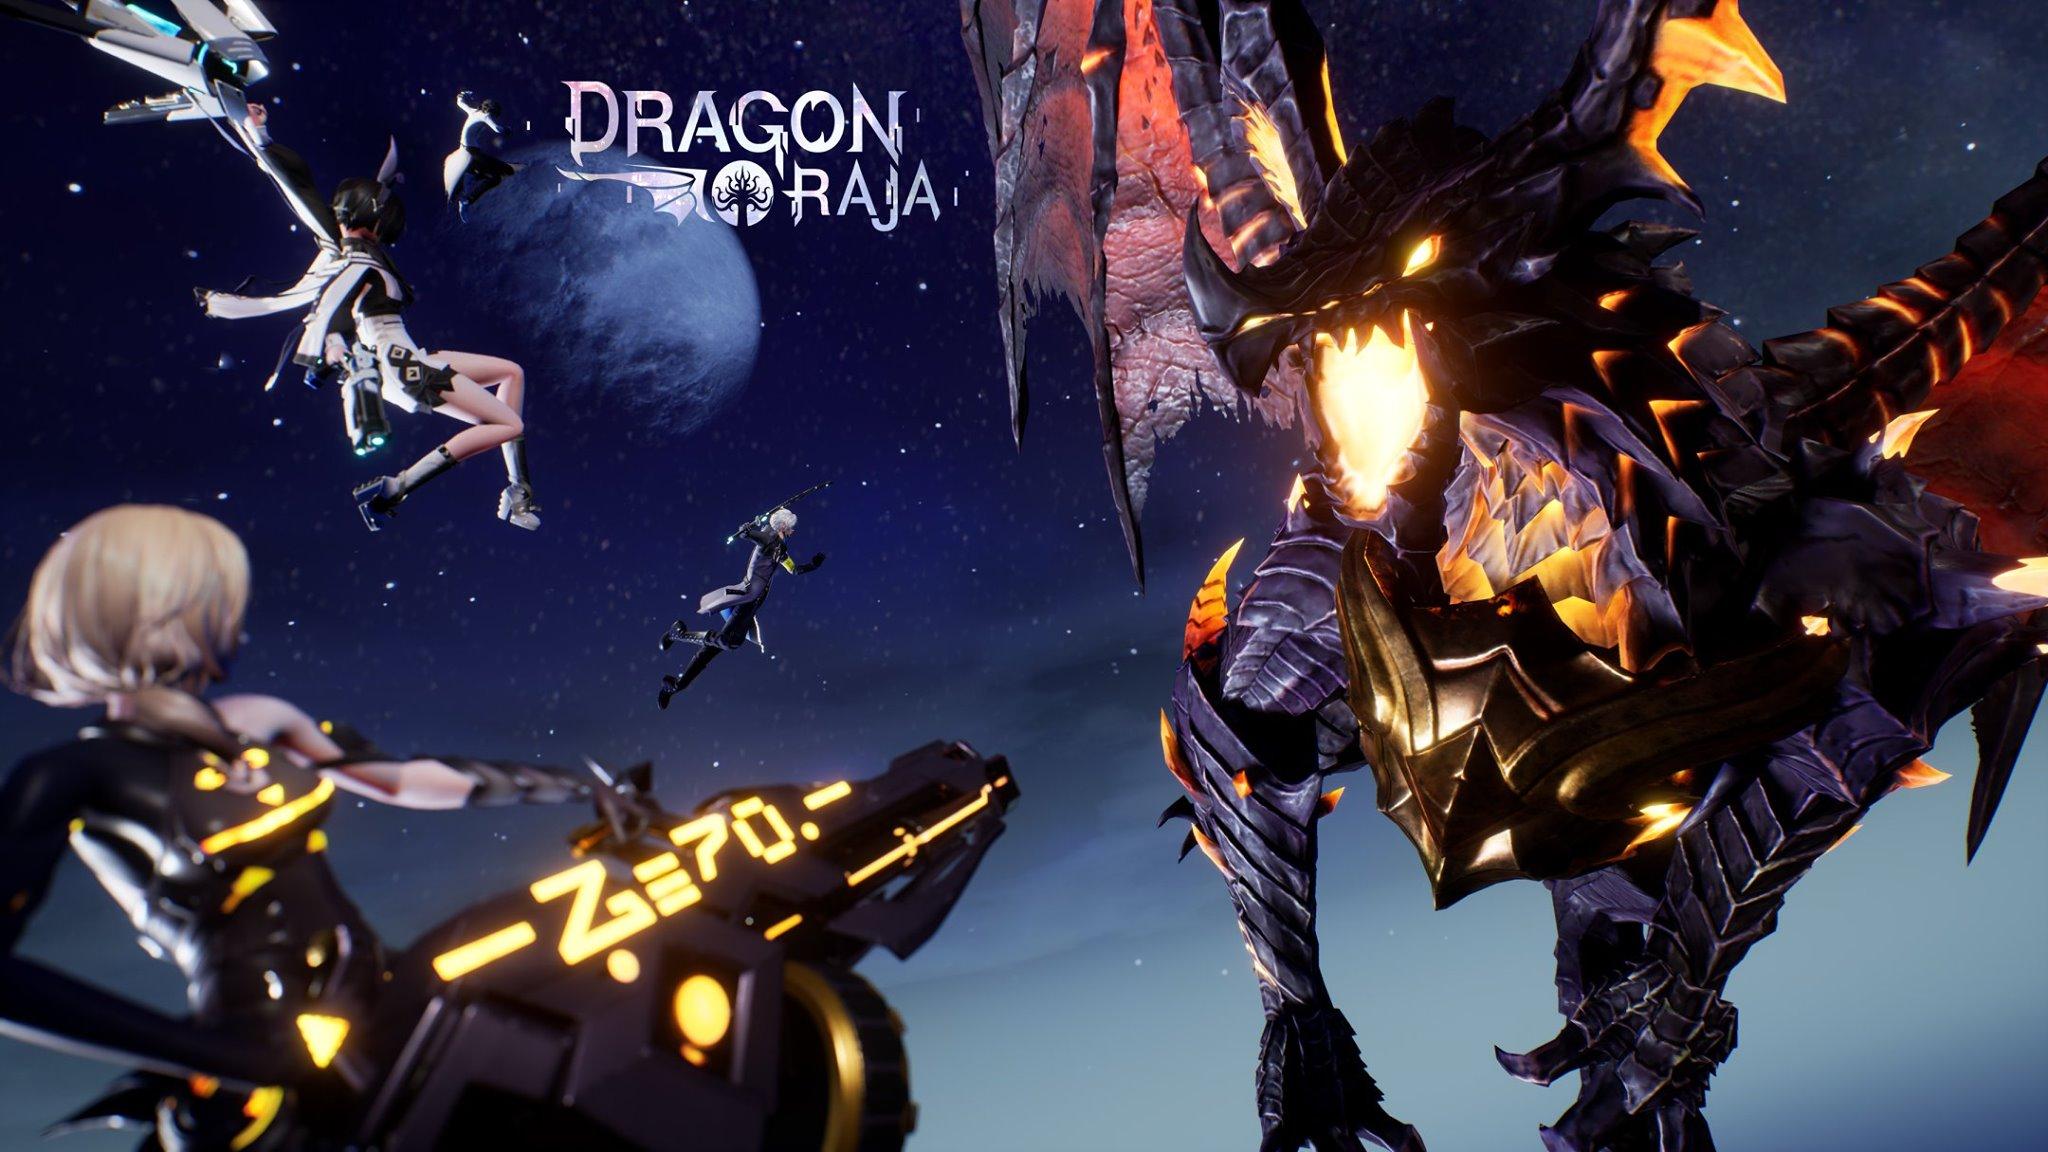 Dragon Raja 922020 1